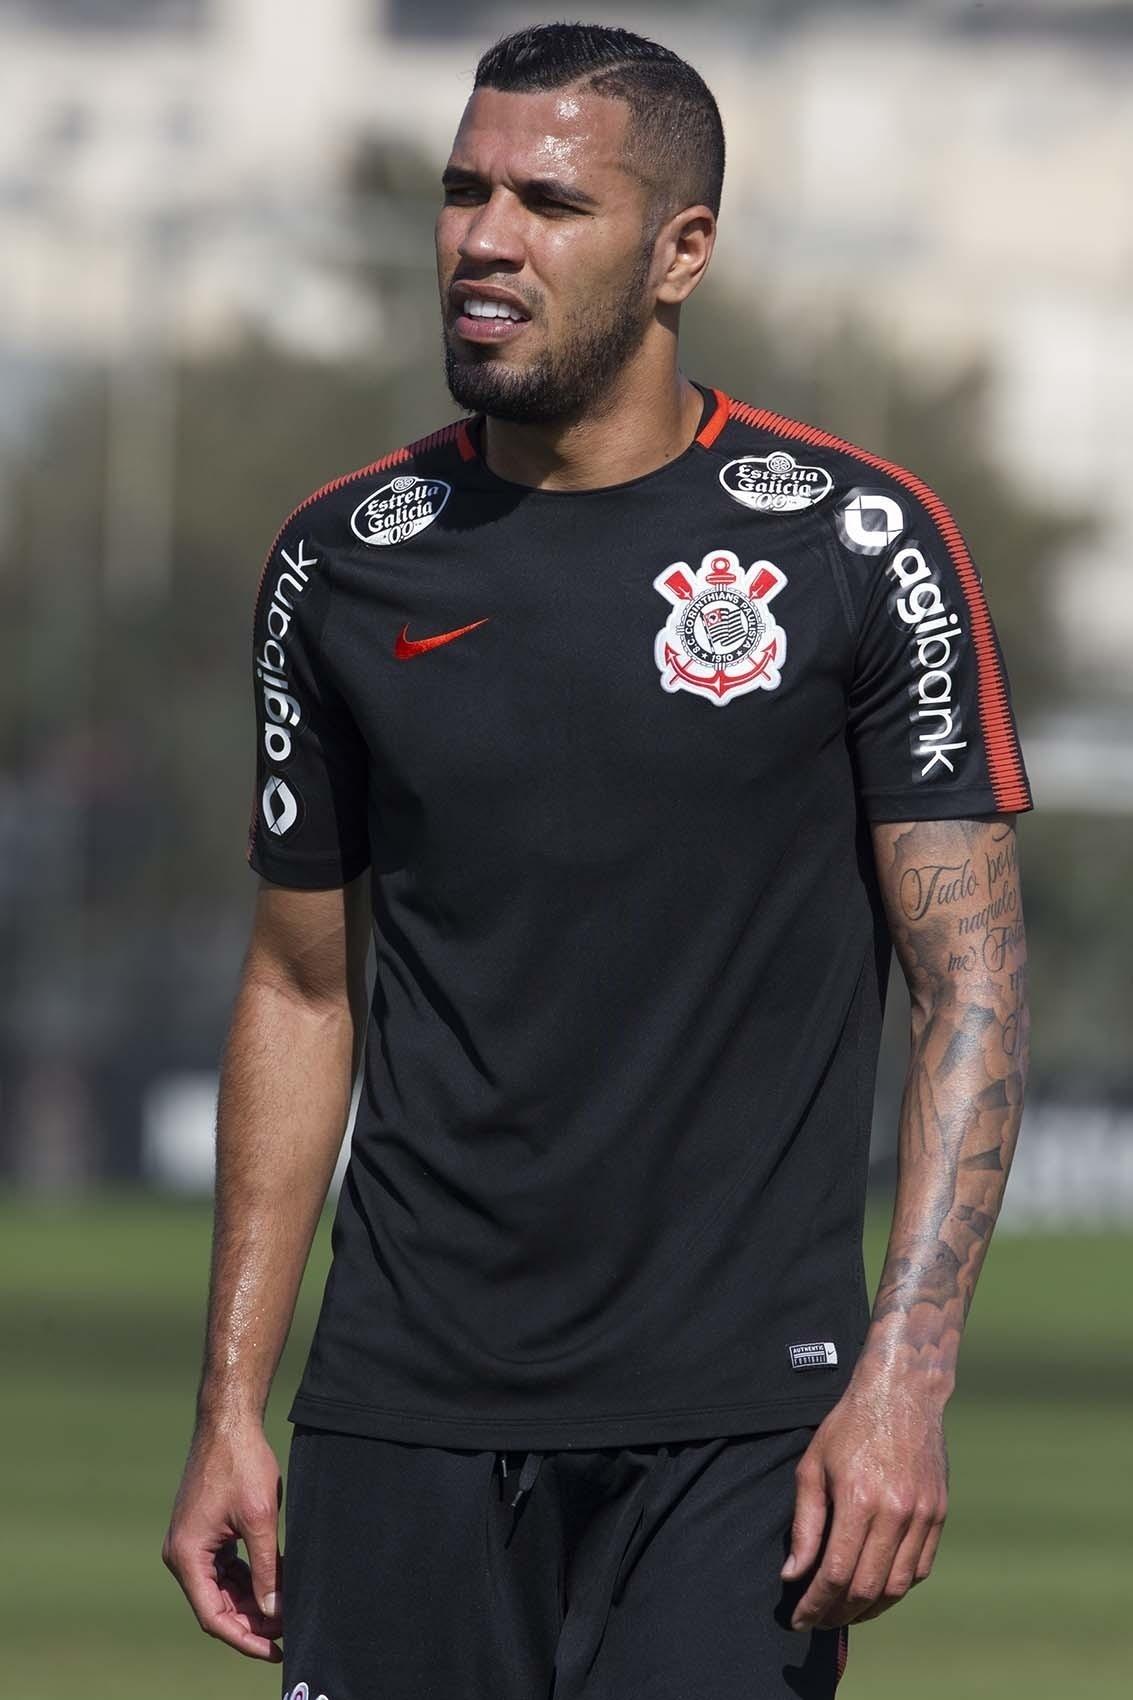 Atacante do Corinthians dá explicações e diz que se sente um  perna de pau   - 19 08 2018 - UOL Esporte 378b363032116